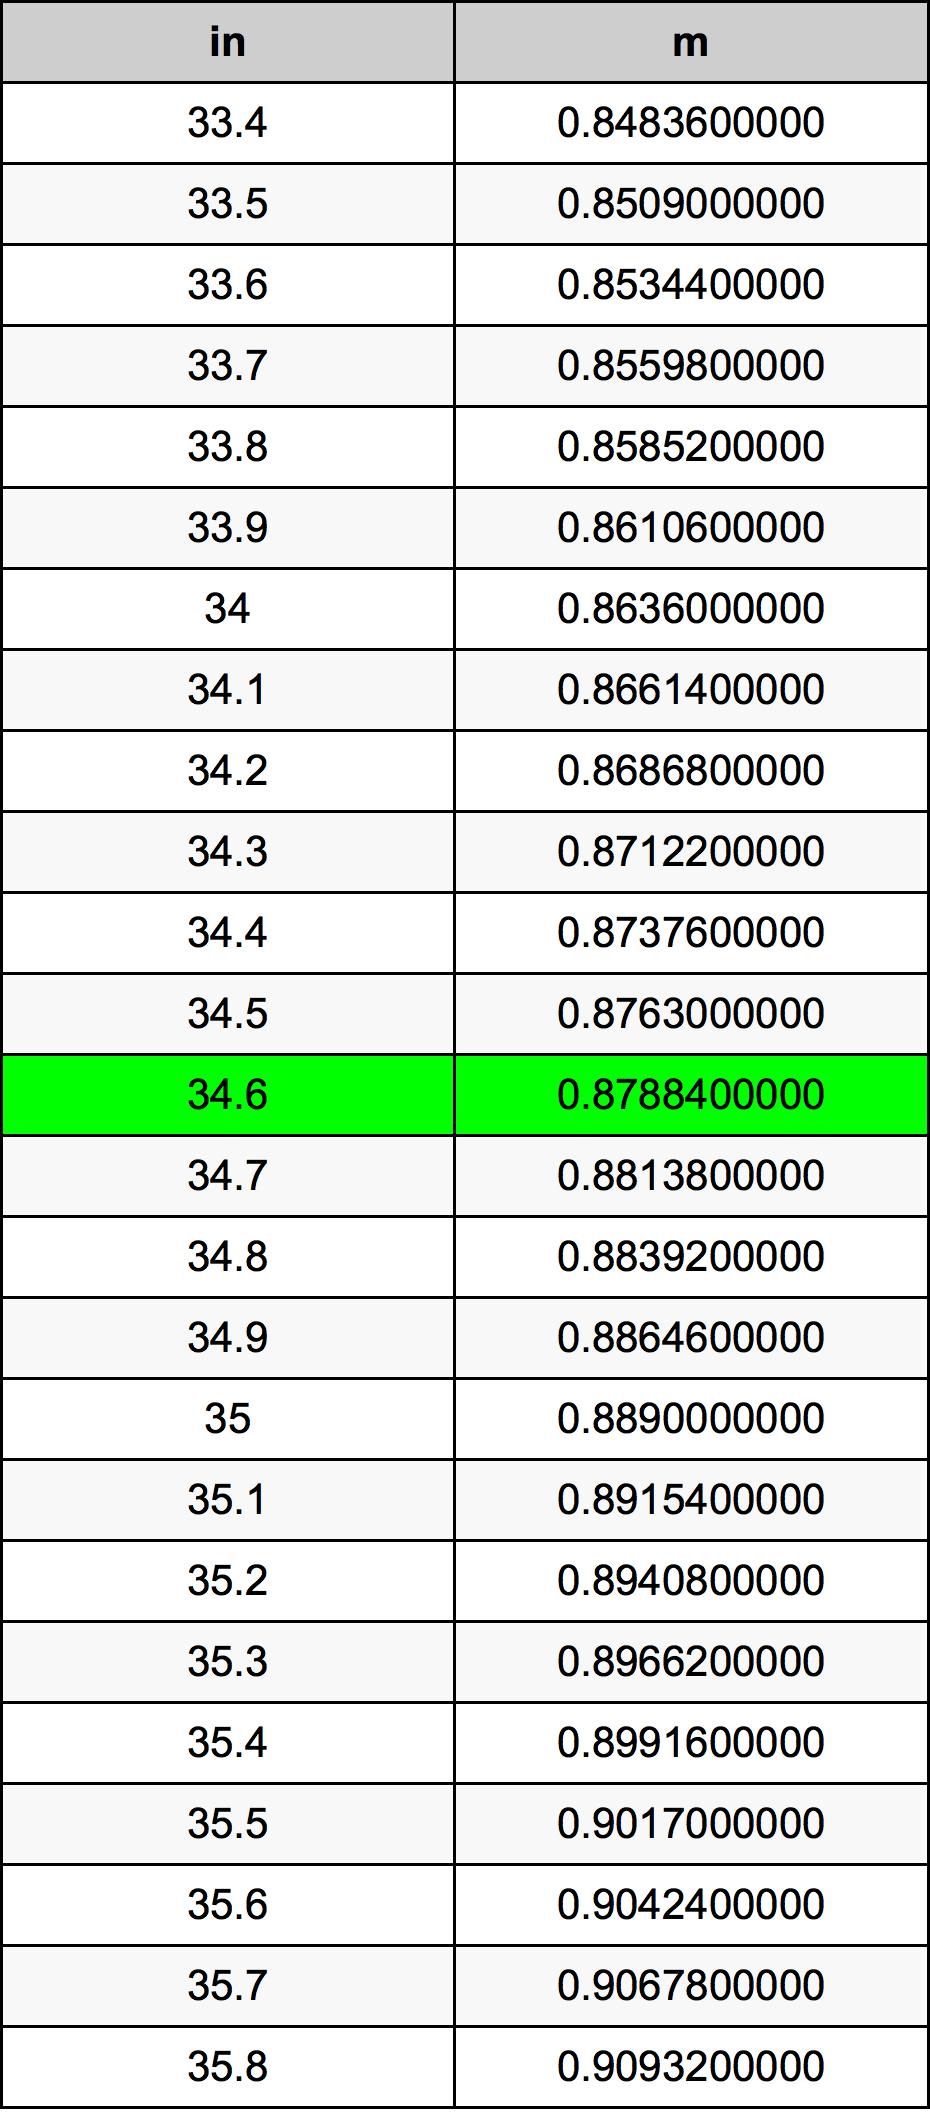 34.6インチ換算表